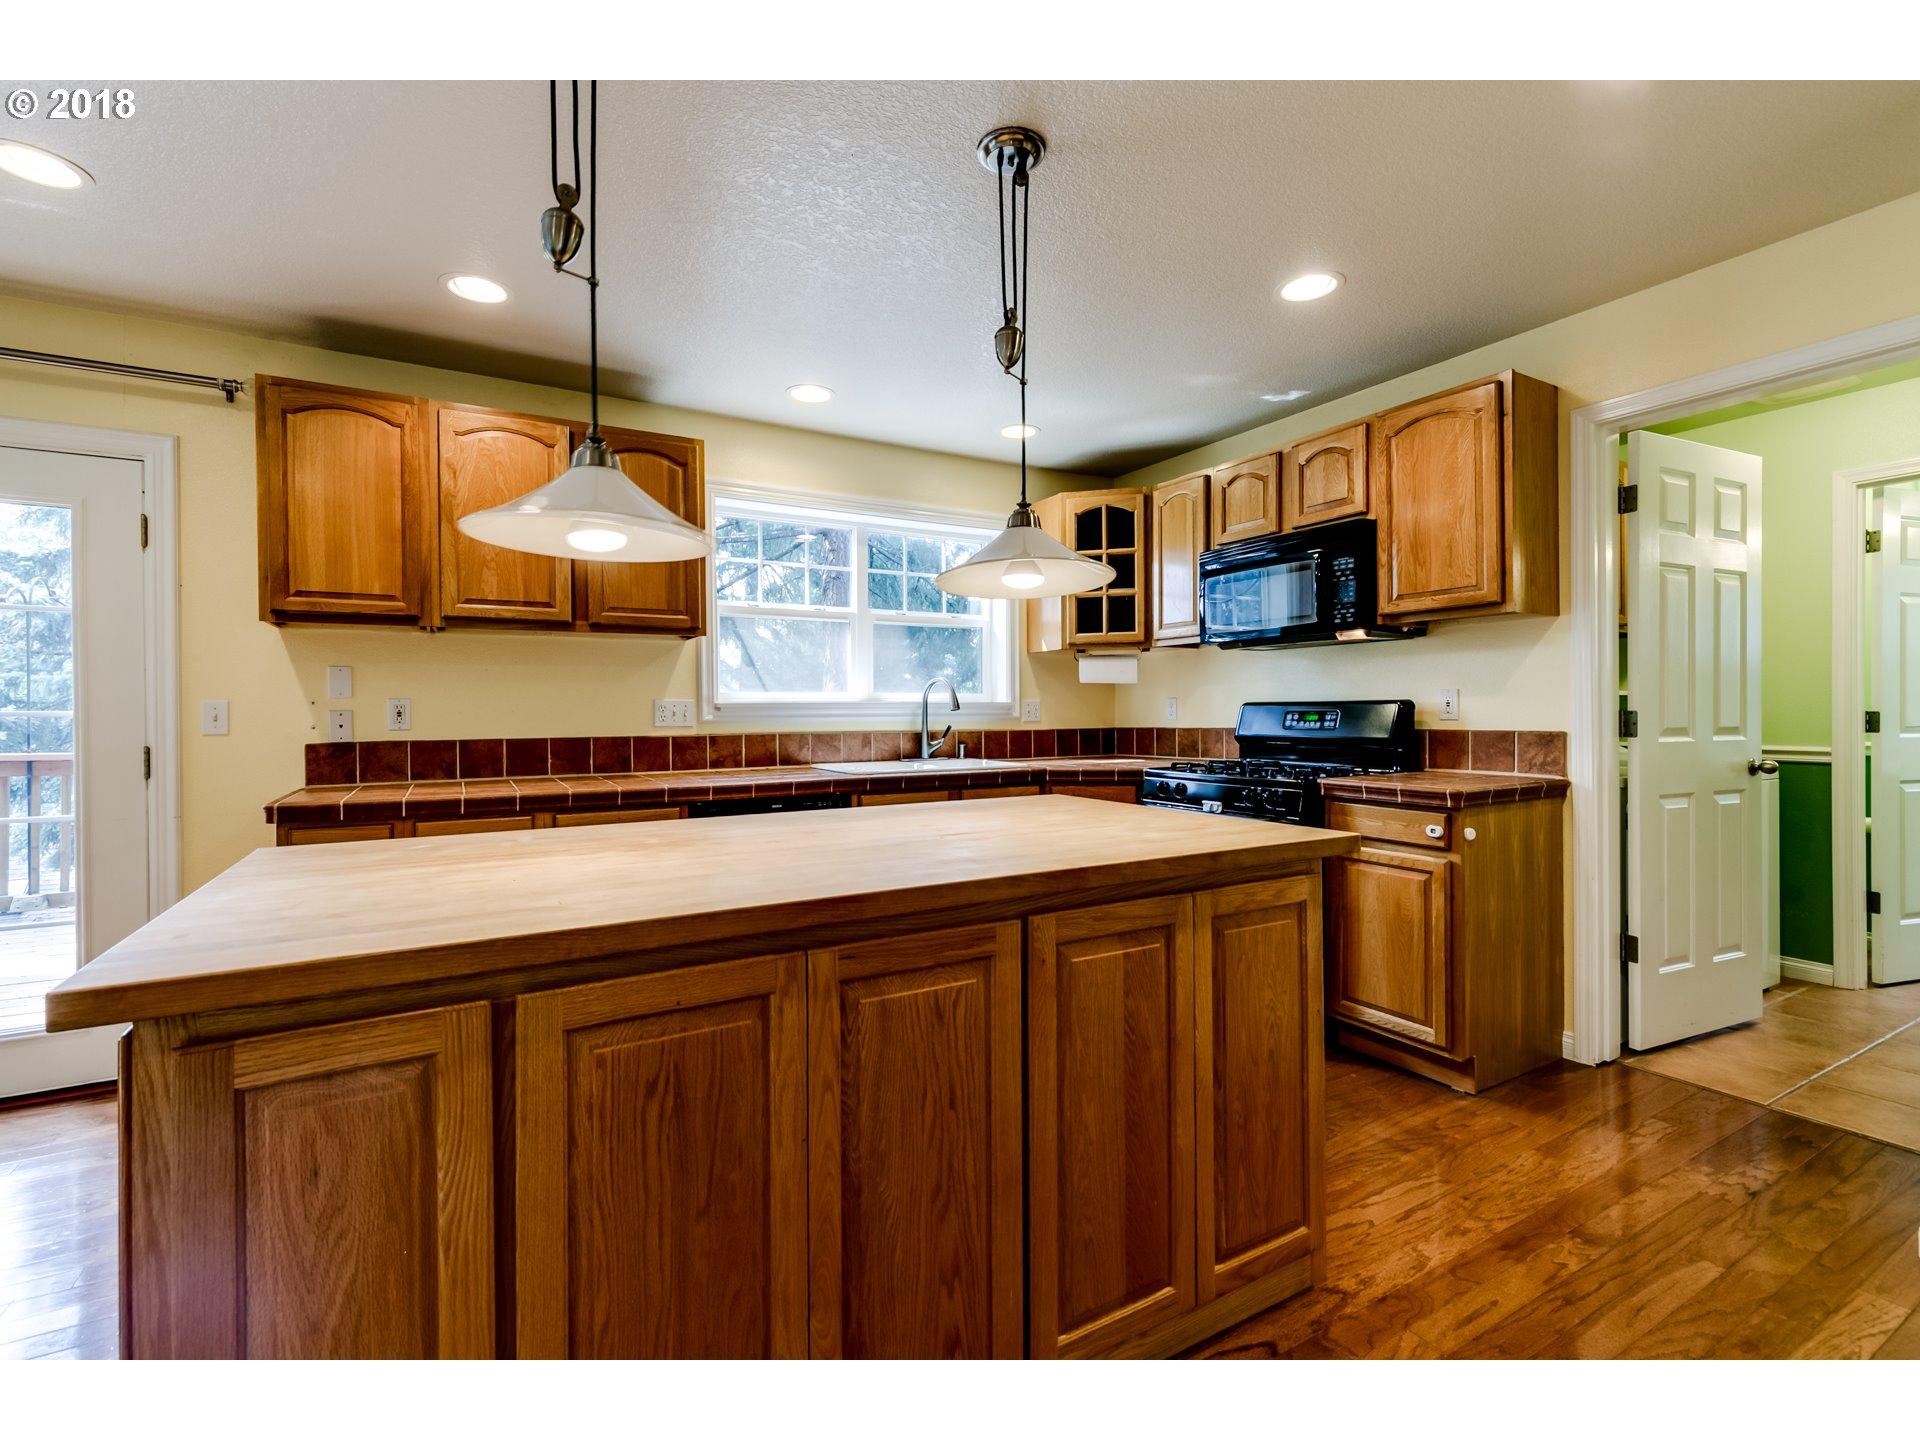 2673 SUNCREST AVE Eugene, OR 97405 - MLS #: 18599409